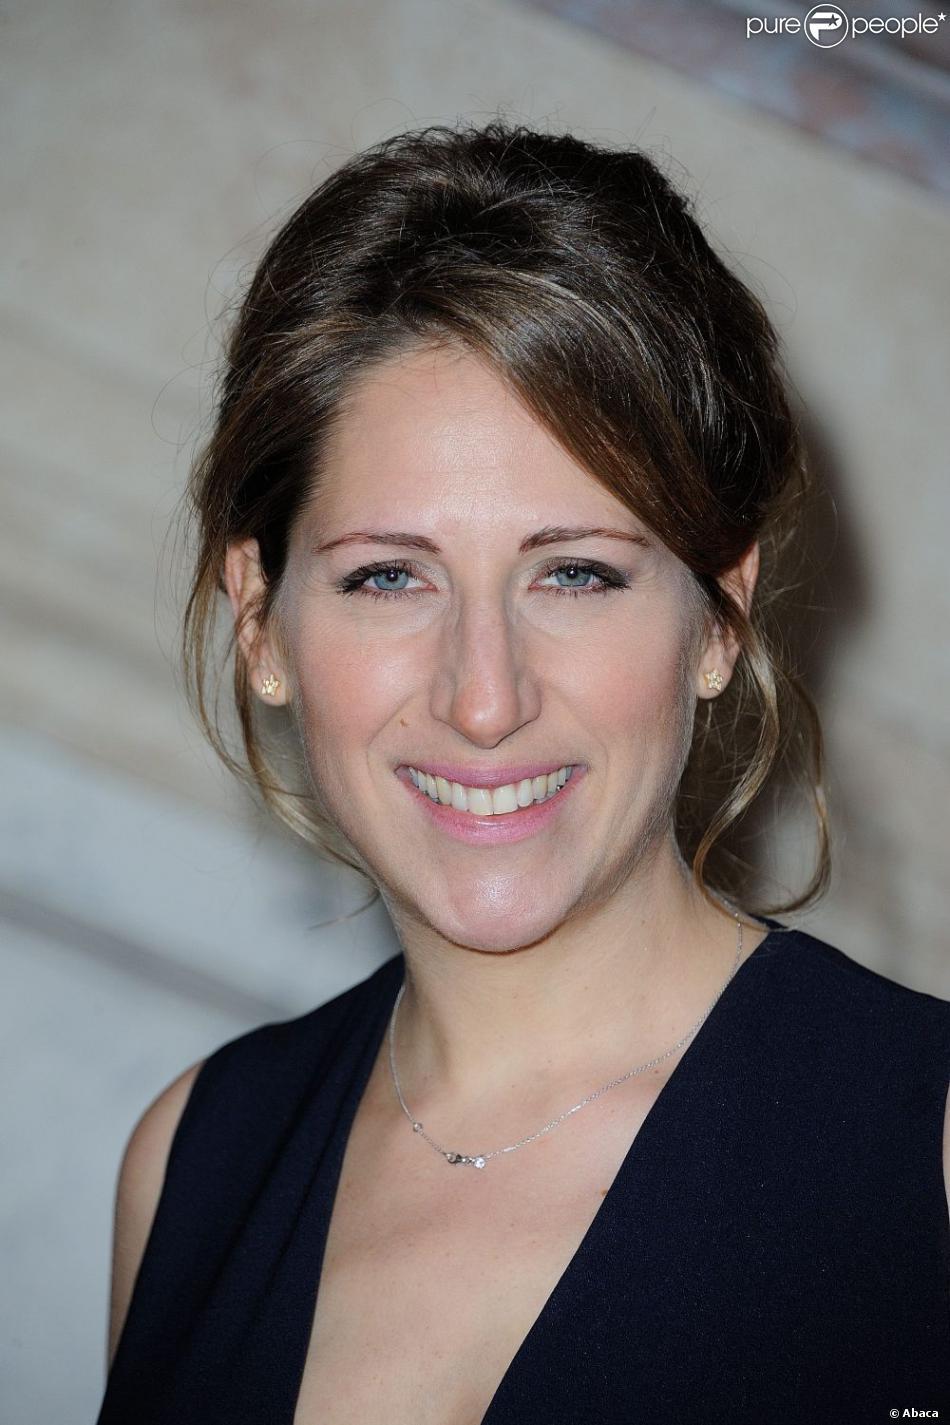 Maud Fontenoy lors du gala annuel donné en l'honneur de sa fondation Maud Fontenoy à l'hôtel de la Marine à Paris le 9 avril 2013